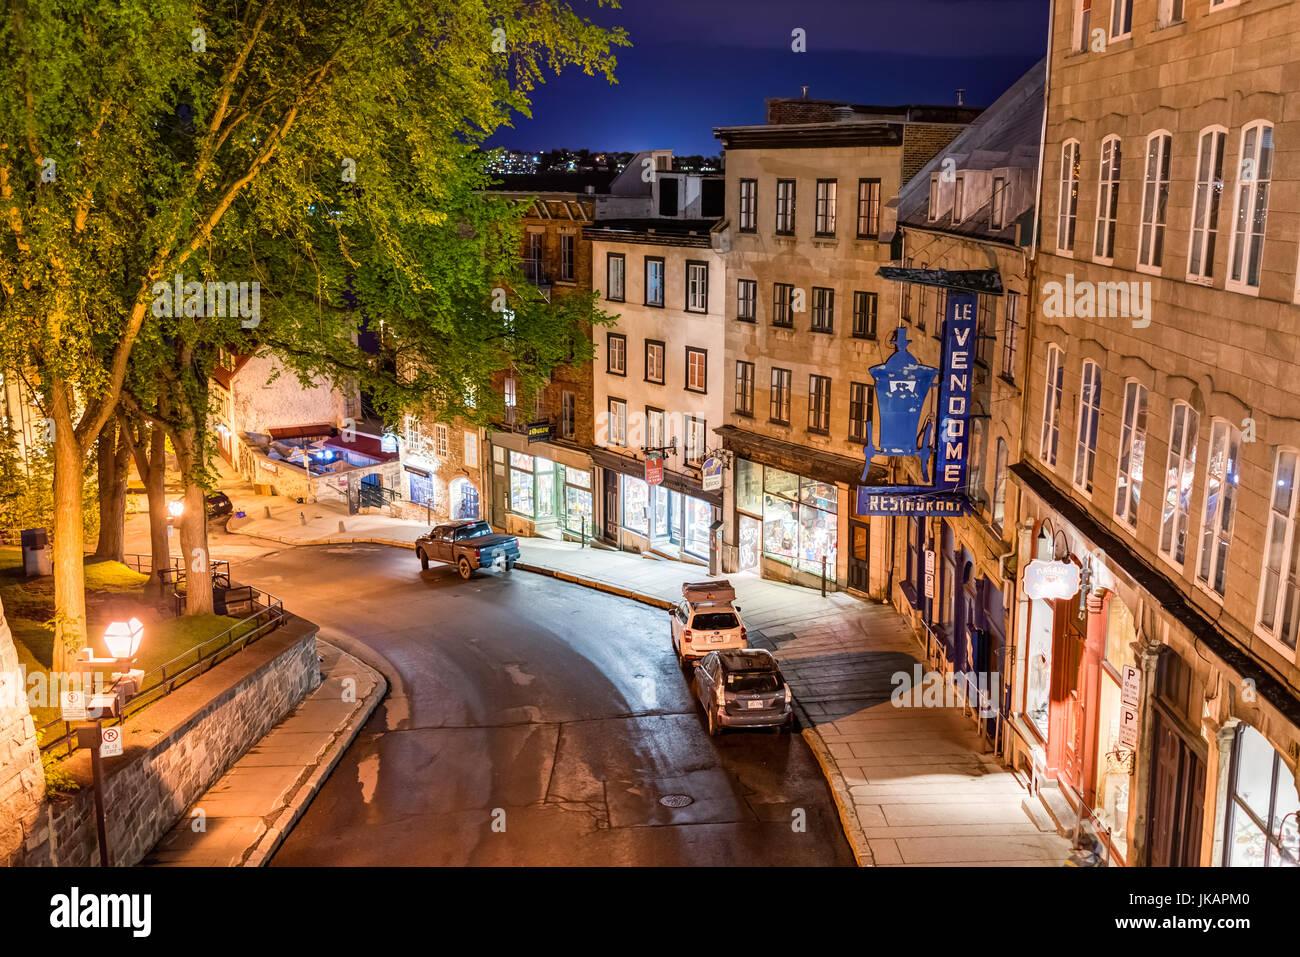 La città di Quebec, Canada - 30 Maggio 2017: Inferiore old town street Cote de la Montagne con edifici di pietra Immagini Stock